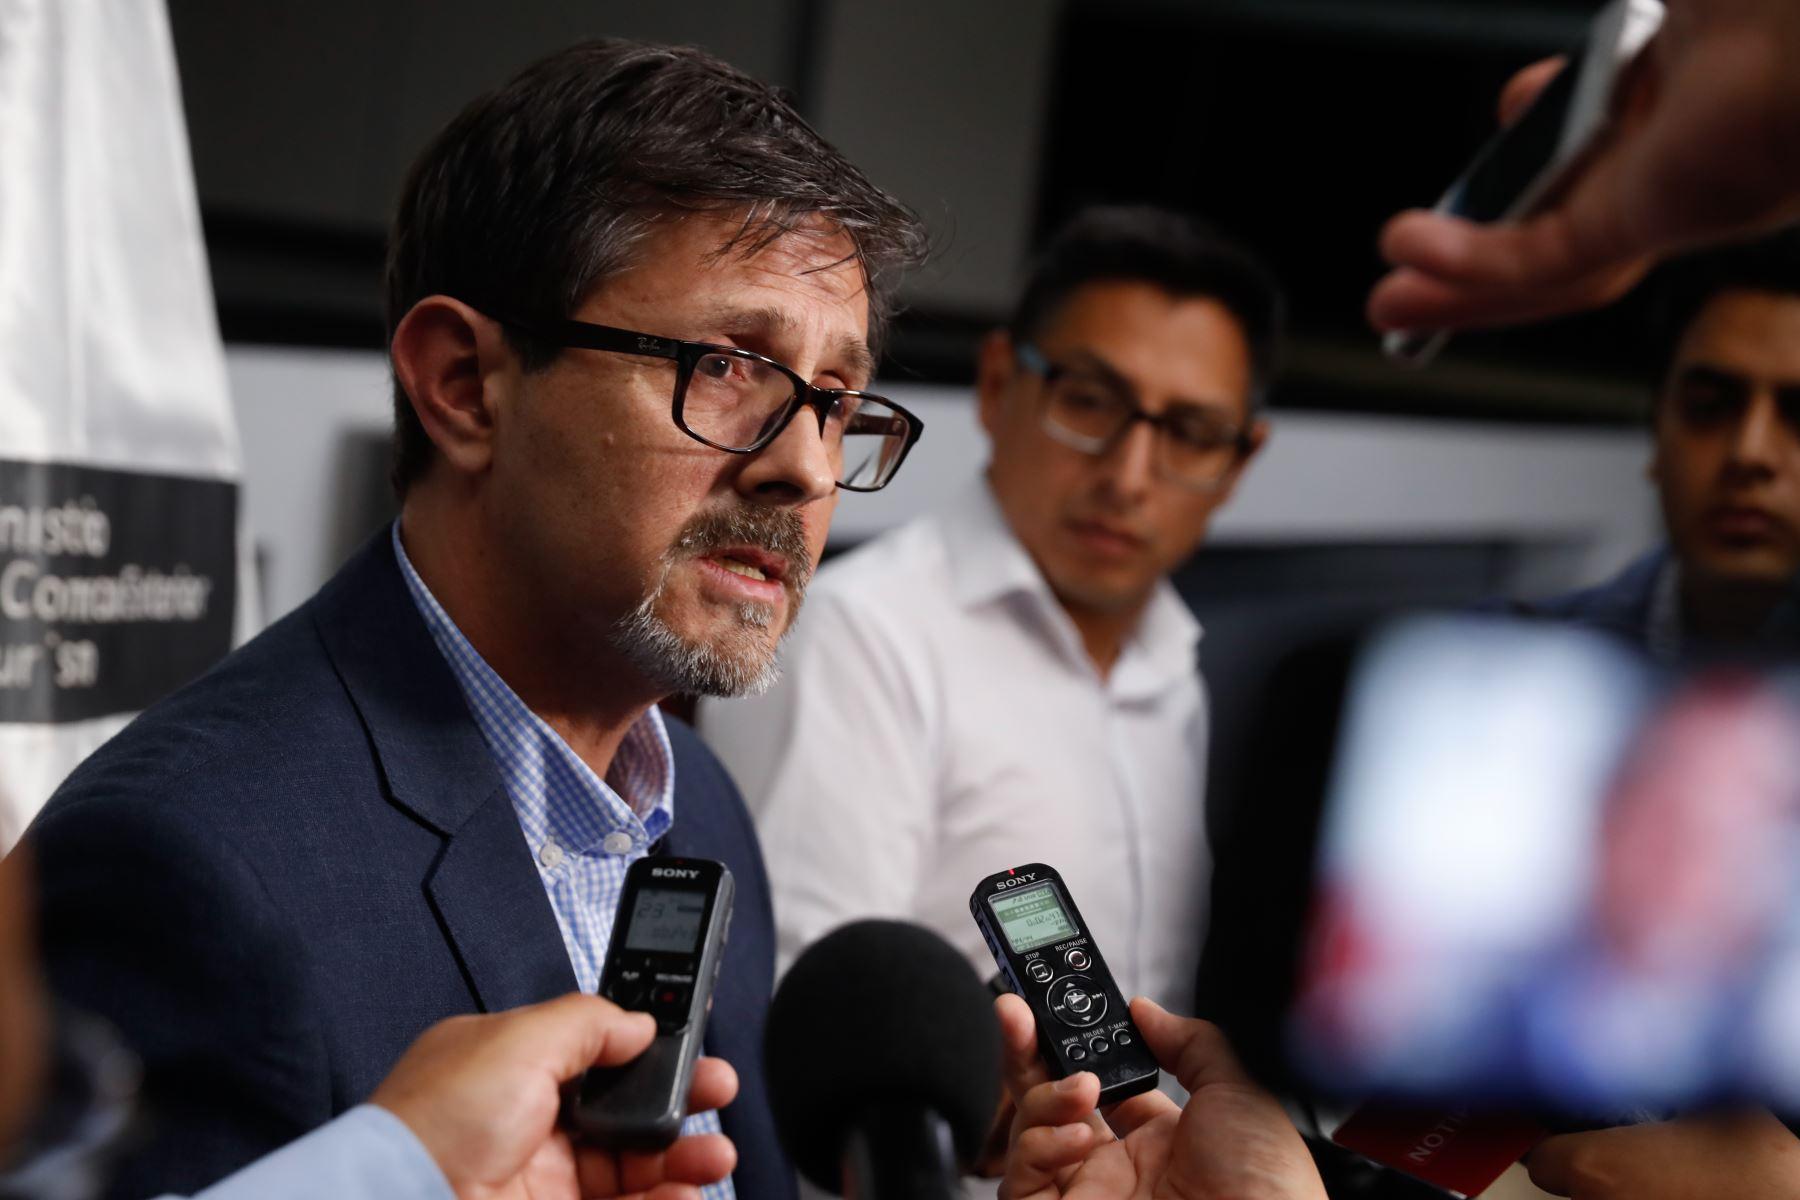 Viceministro de Turismo, Guillermo Cortés Carcelén. ANDINA/Renato Pajuelo